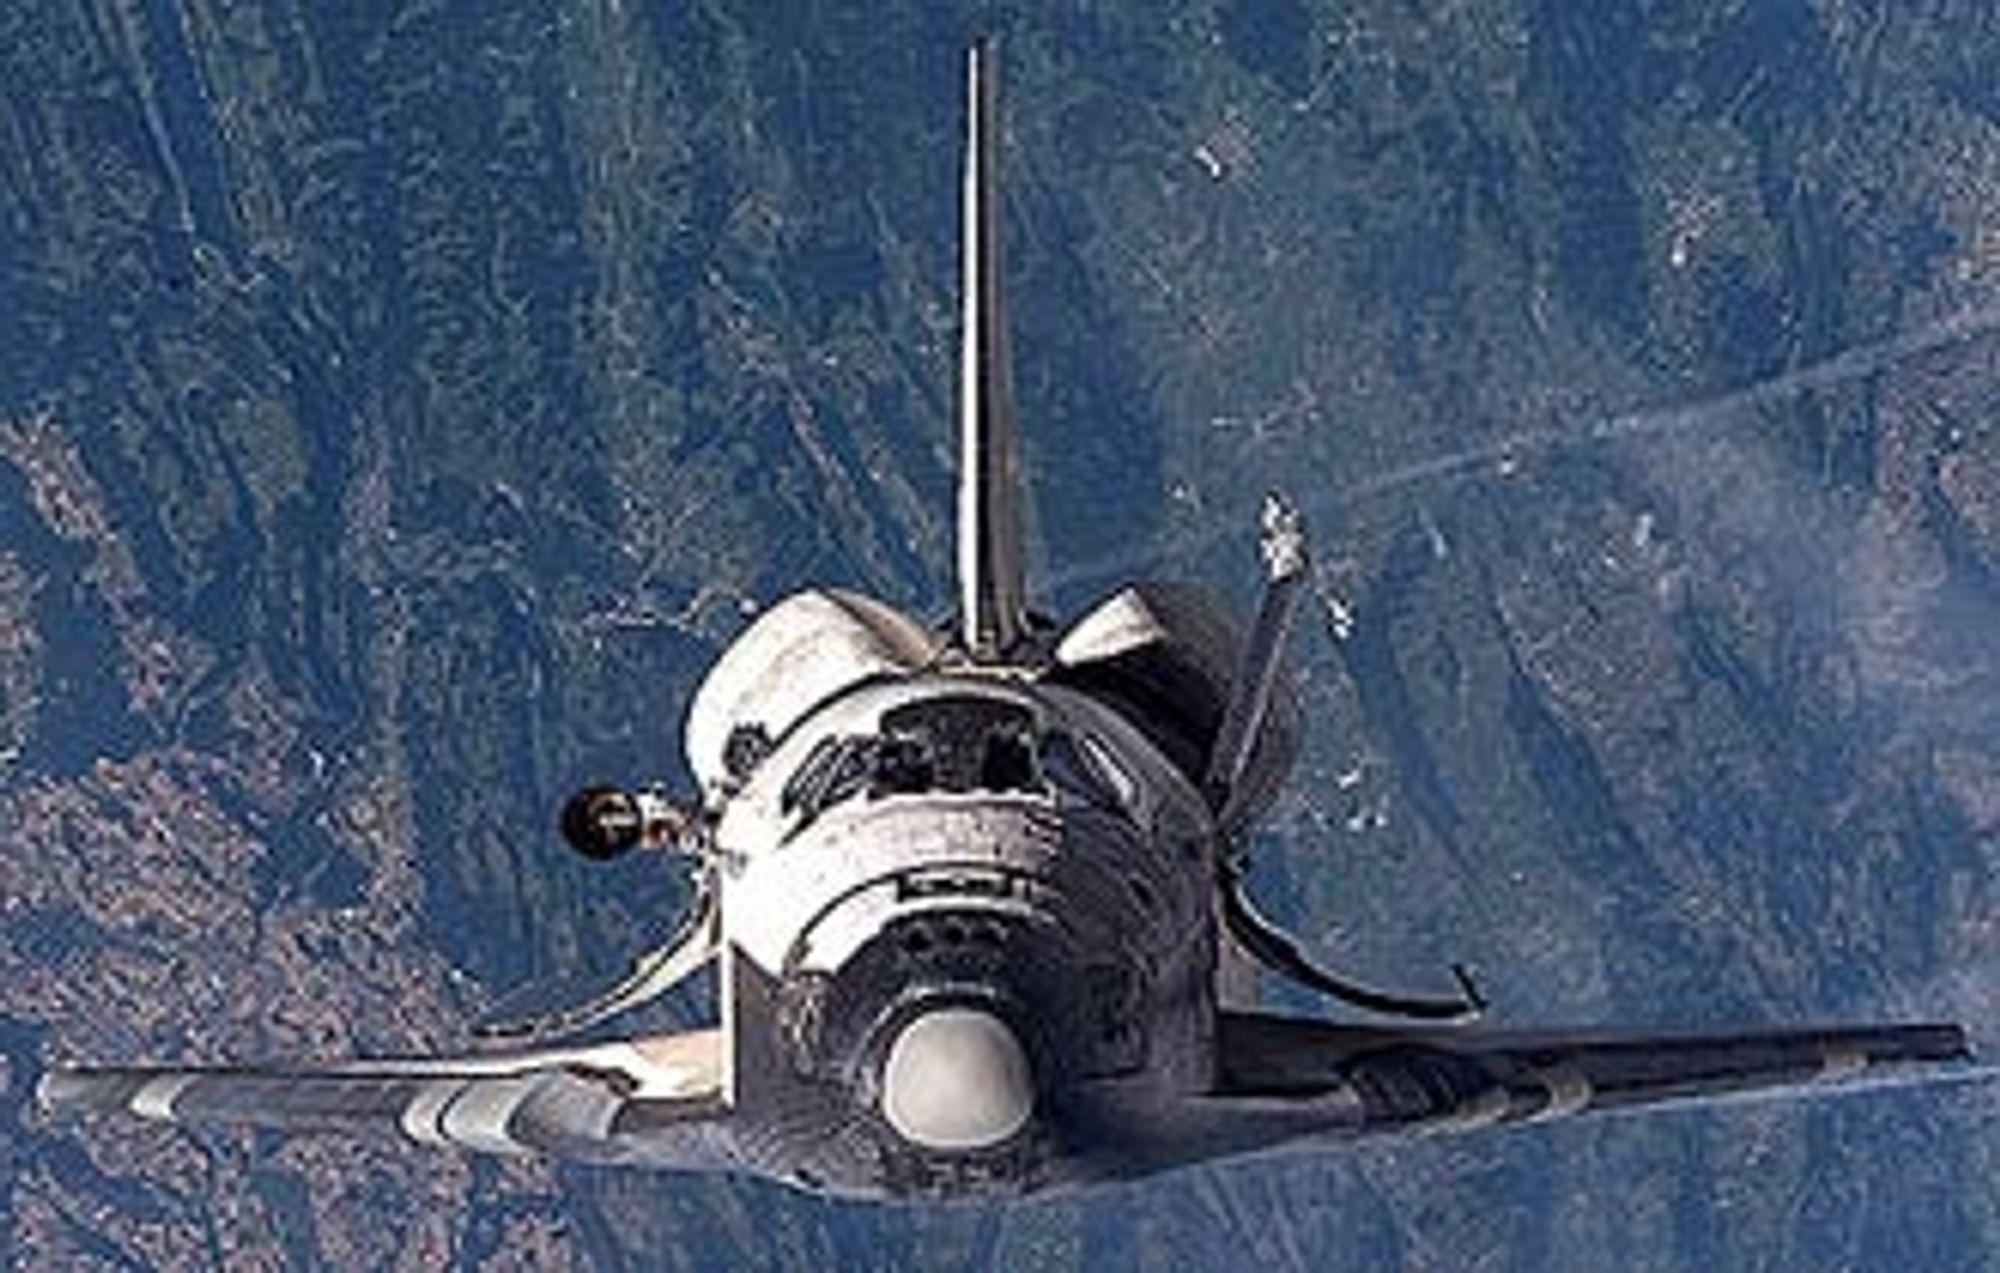 """Discovery fotografert fra ISS - Den internasjonale romstasjonen - i forrige uke under den såkalte """"roll over""""-manøvren. Mannskapet på ISS fotograferte alle deler av fergens varmeskjold for å avdekke eventuelle fatale skader."""